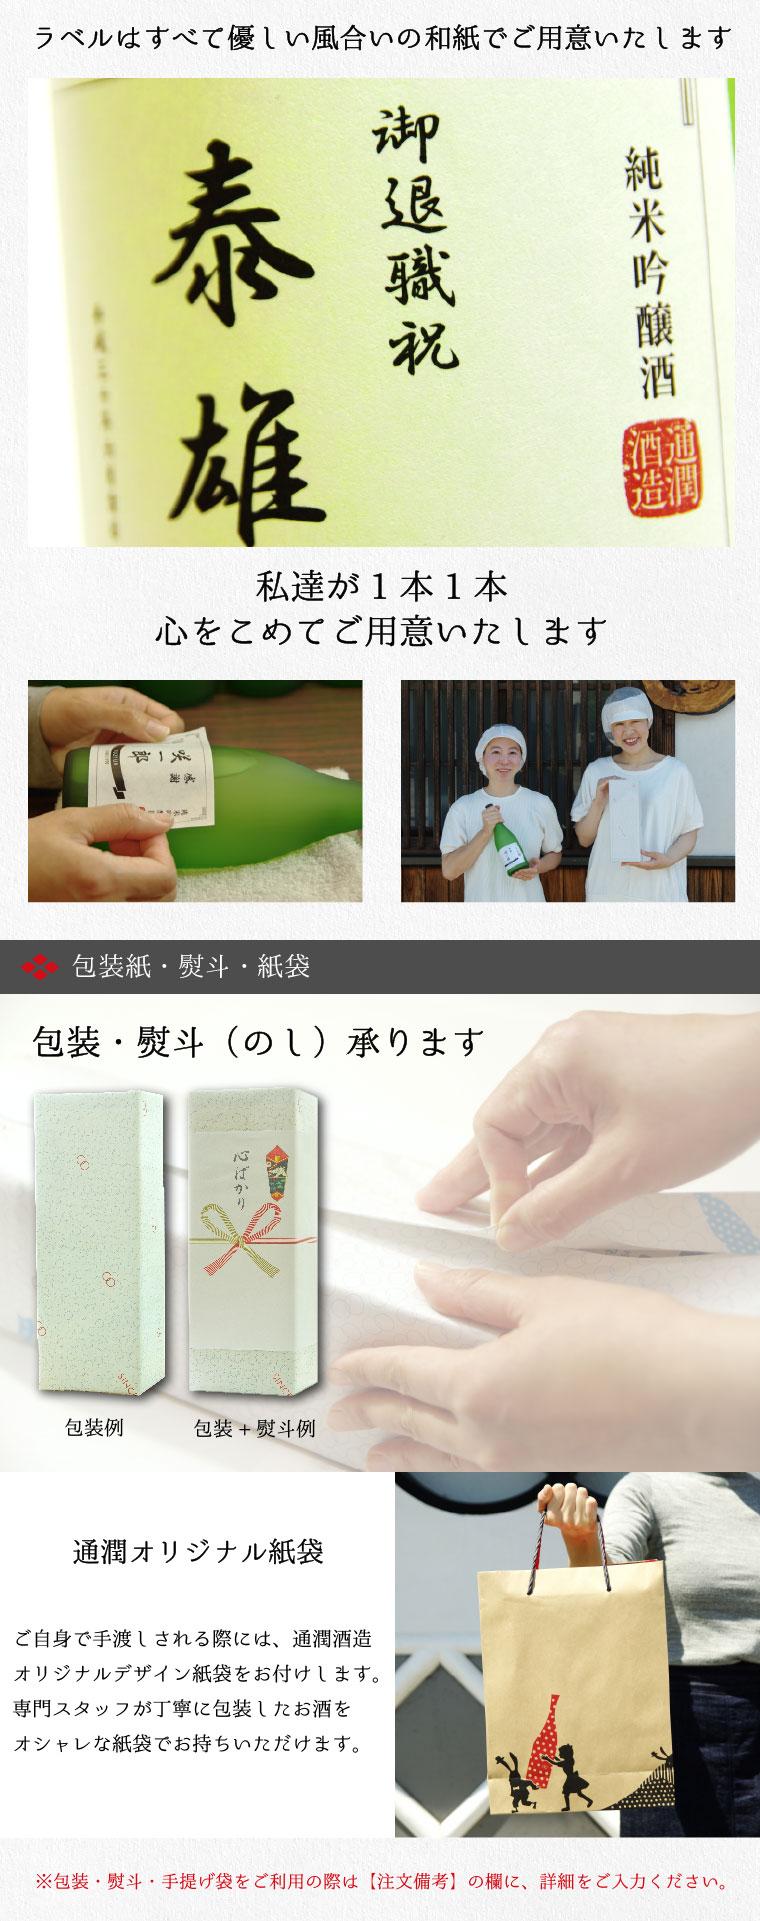 包装・熨斗・紙袋について